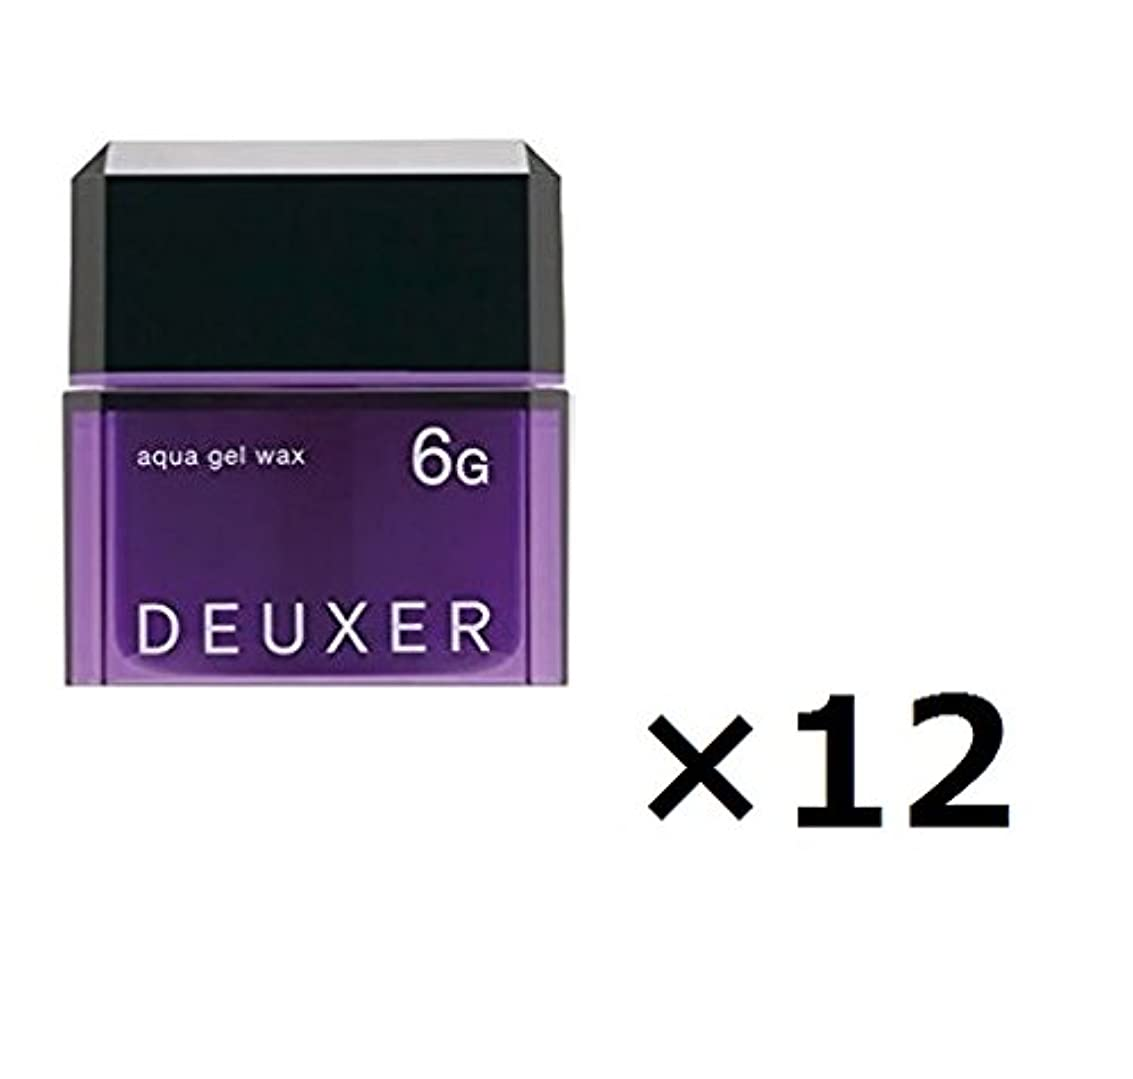 【12個セット】ナンバースリー デューサー アクアジェルワックス 6G 80g